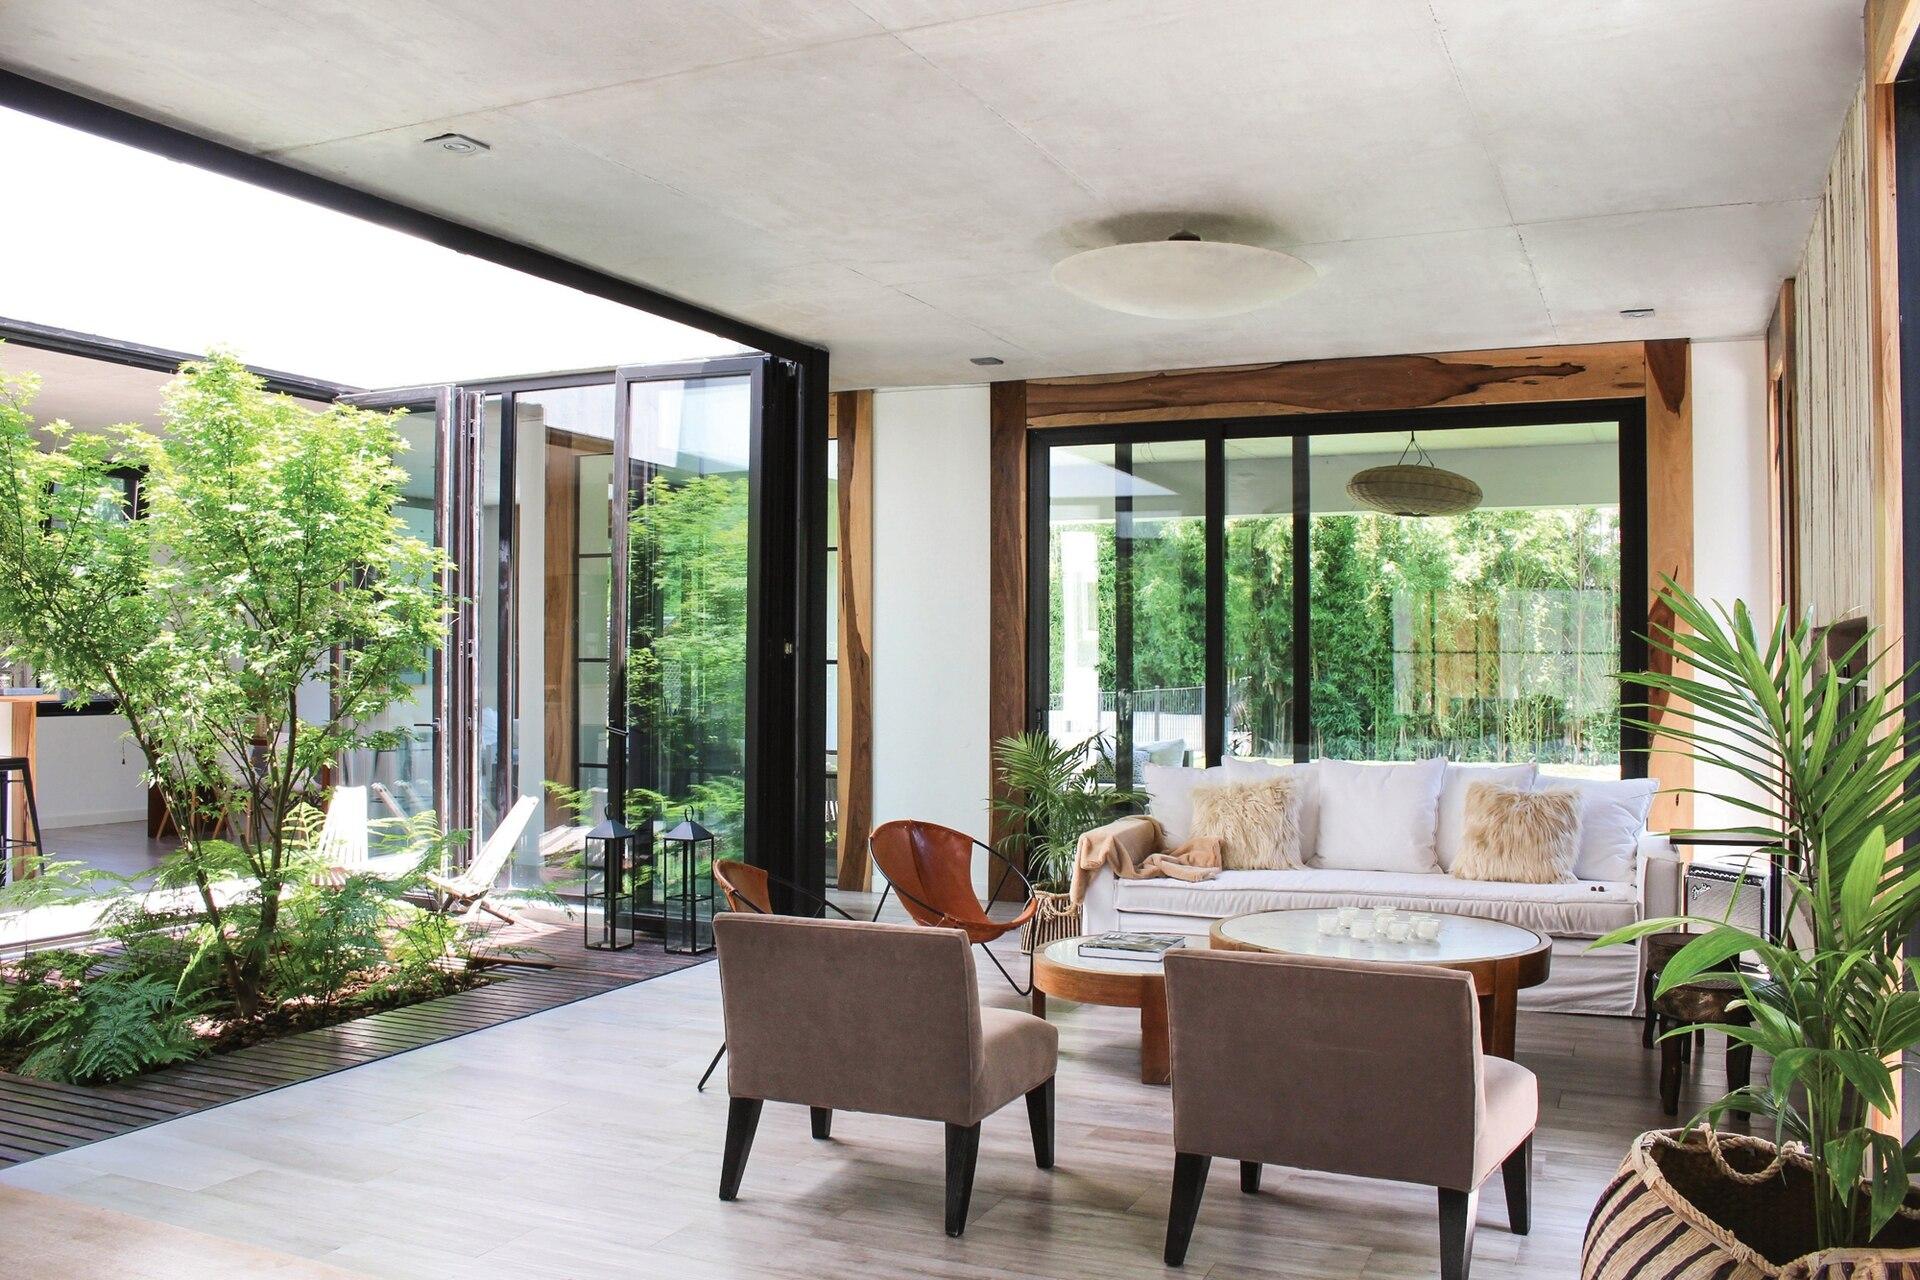 Además de la integración con el verde, el patio da la posibilidad de que los ambientes reciban luz del norte.